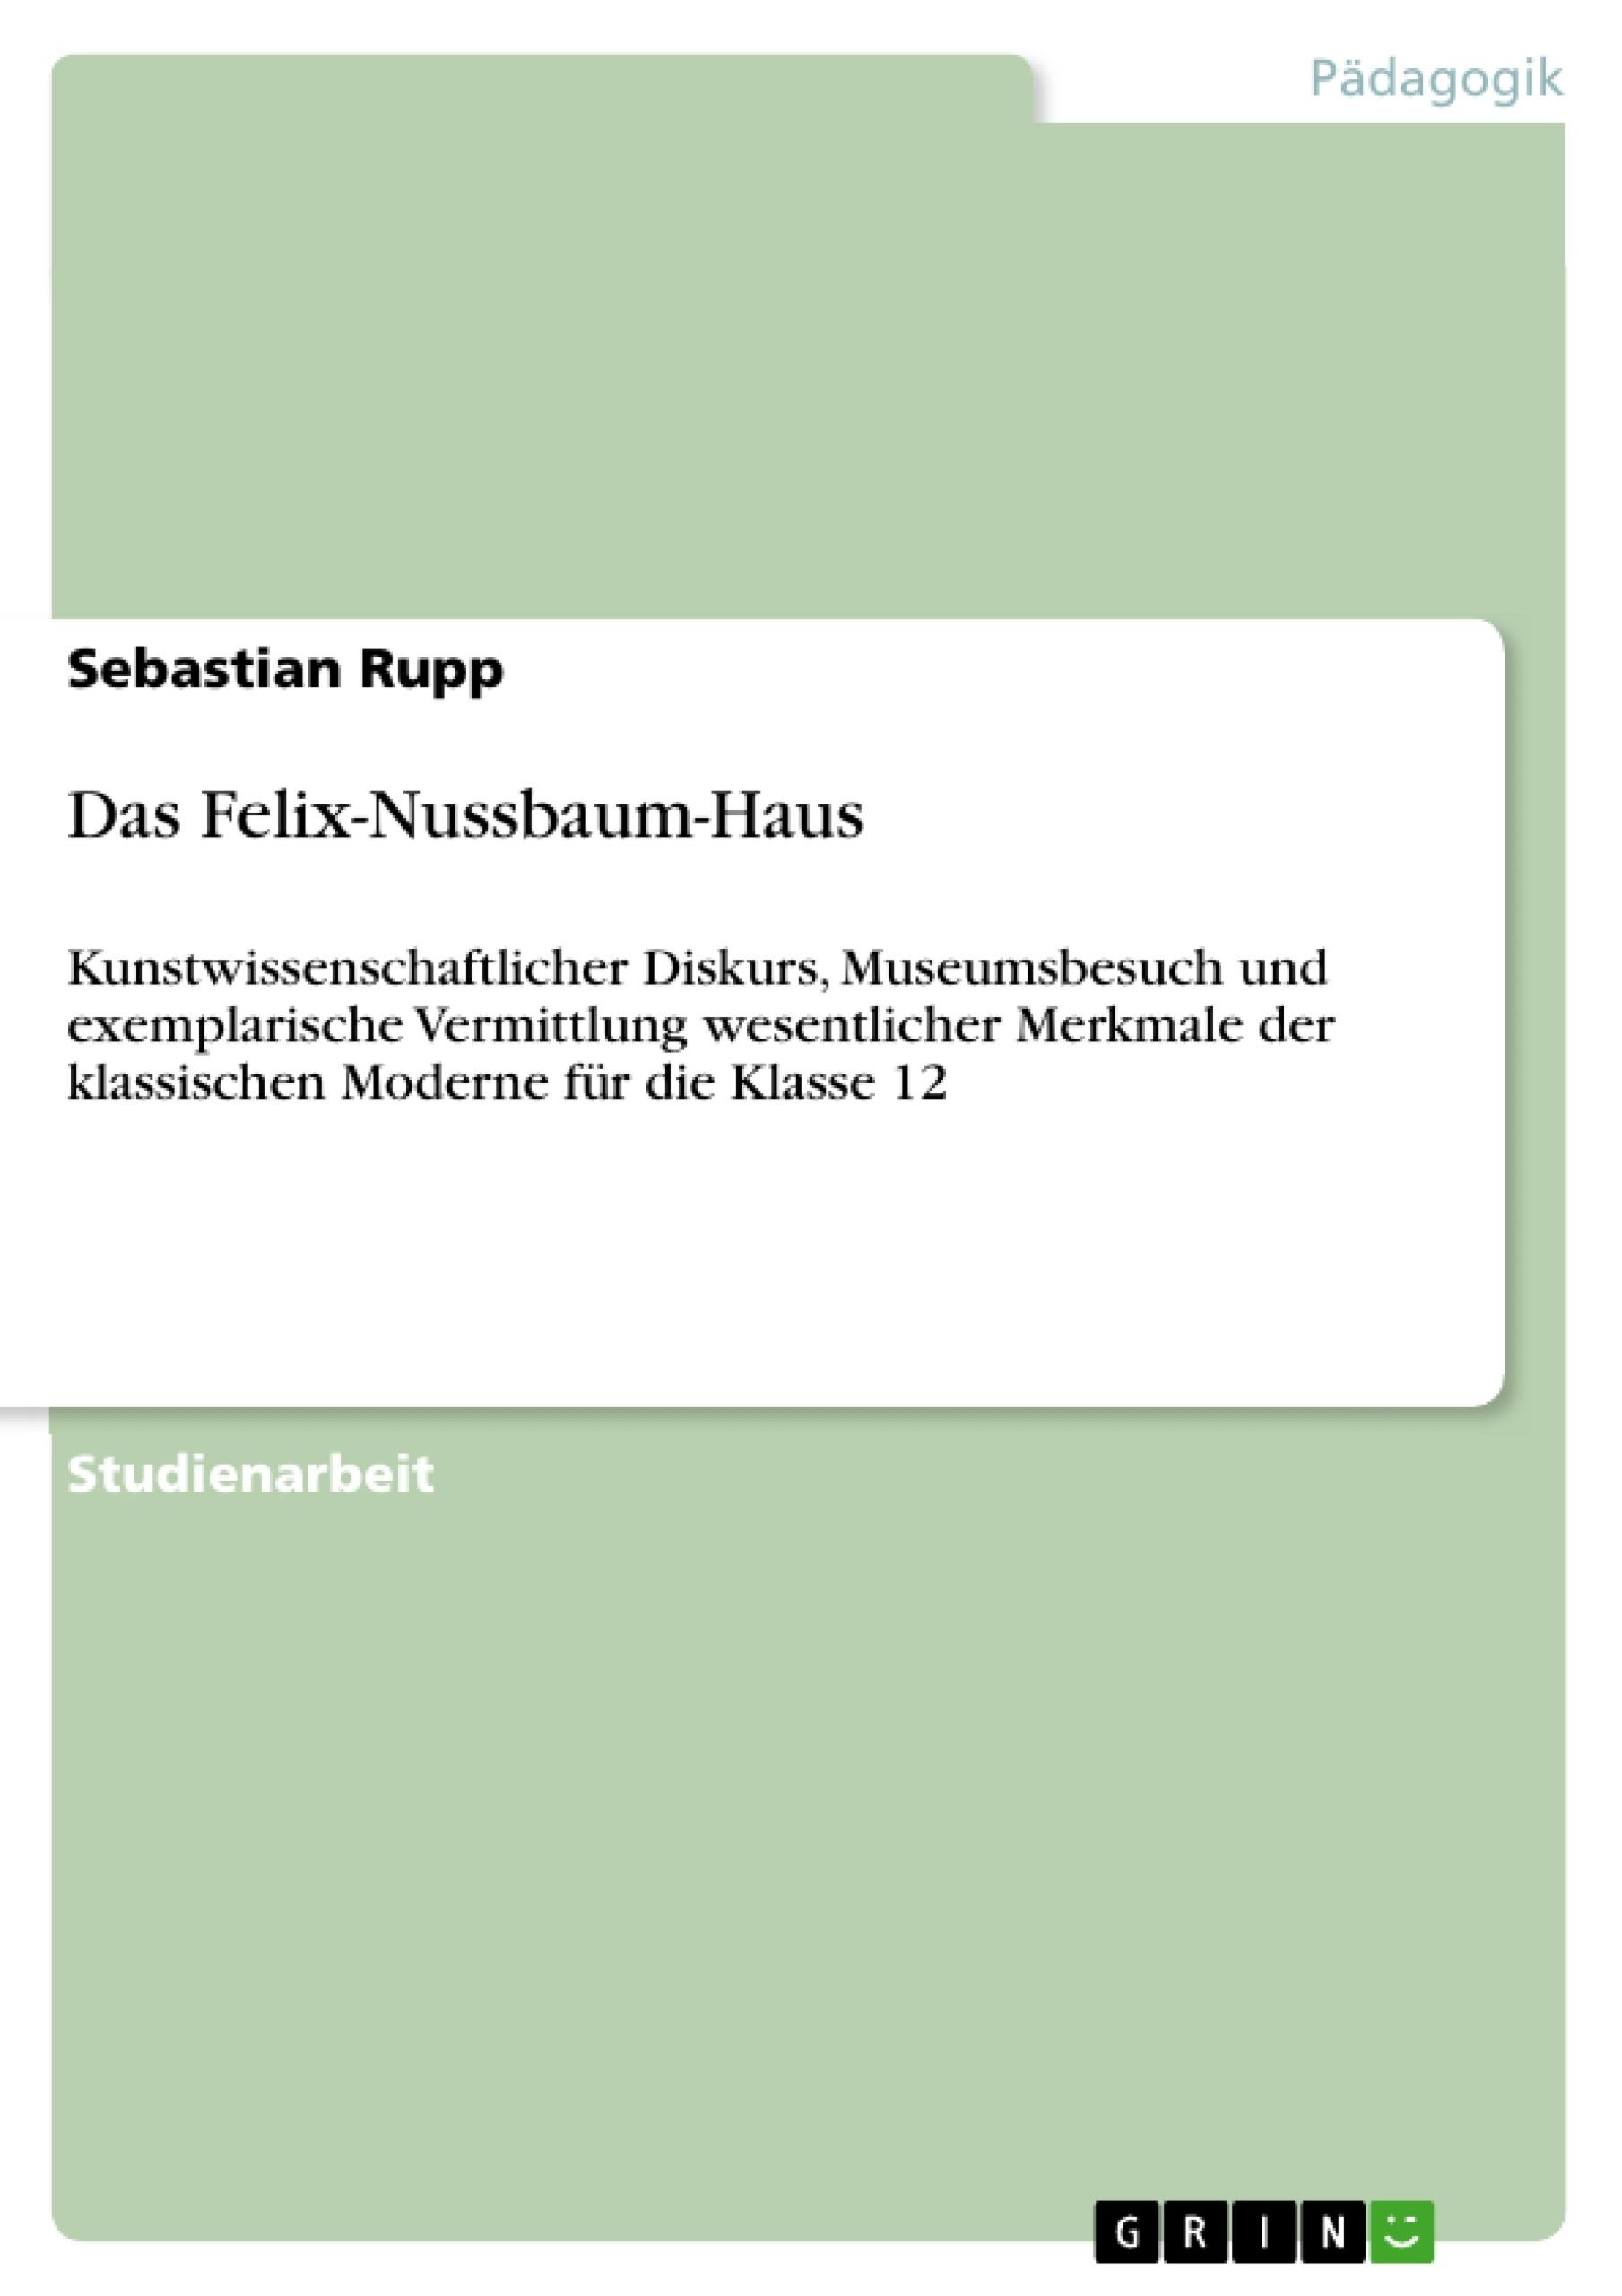 Das Felix-Nussbaum-Haus | Masterarbeit, Hausarbeit, Bachelorarbeit ...